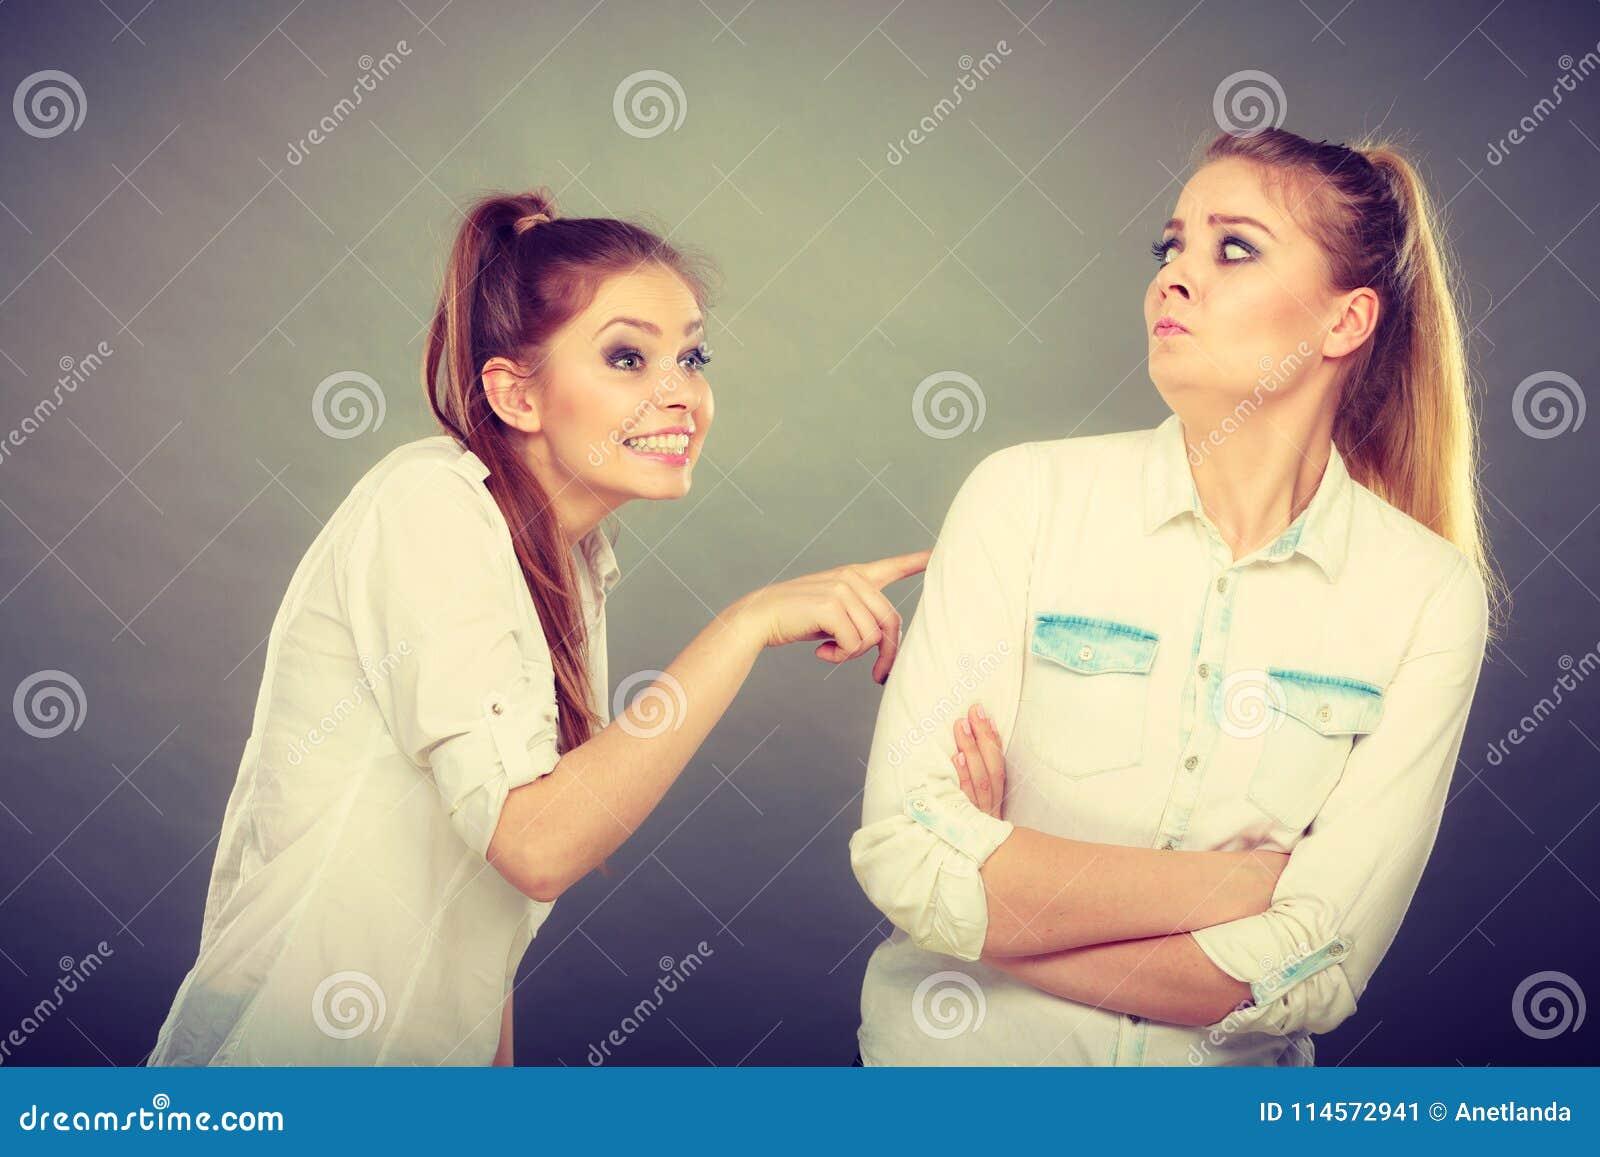 Dos muchachas que tienen discusión, conflicto interpersonal